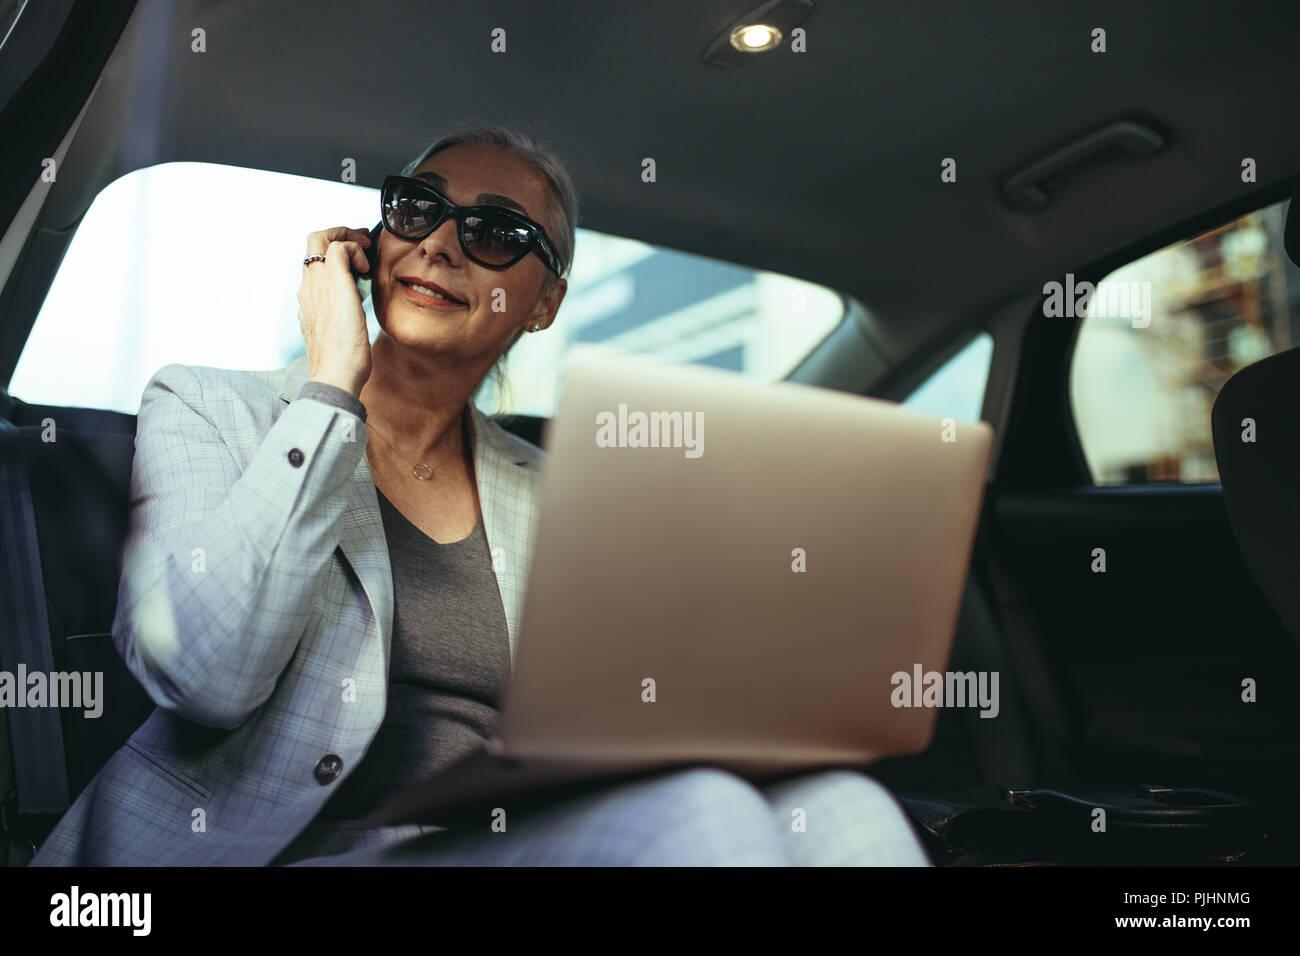 Emprendedor femenino viaja a Office en un lujoso coche sentado en backseat con portátil y mirando fuera de la ventana mientras habla por teléfono . Ma Imagen De Stock